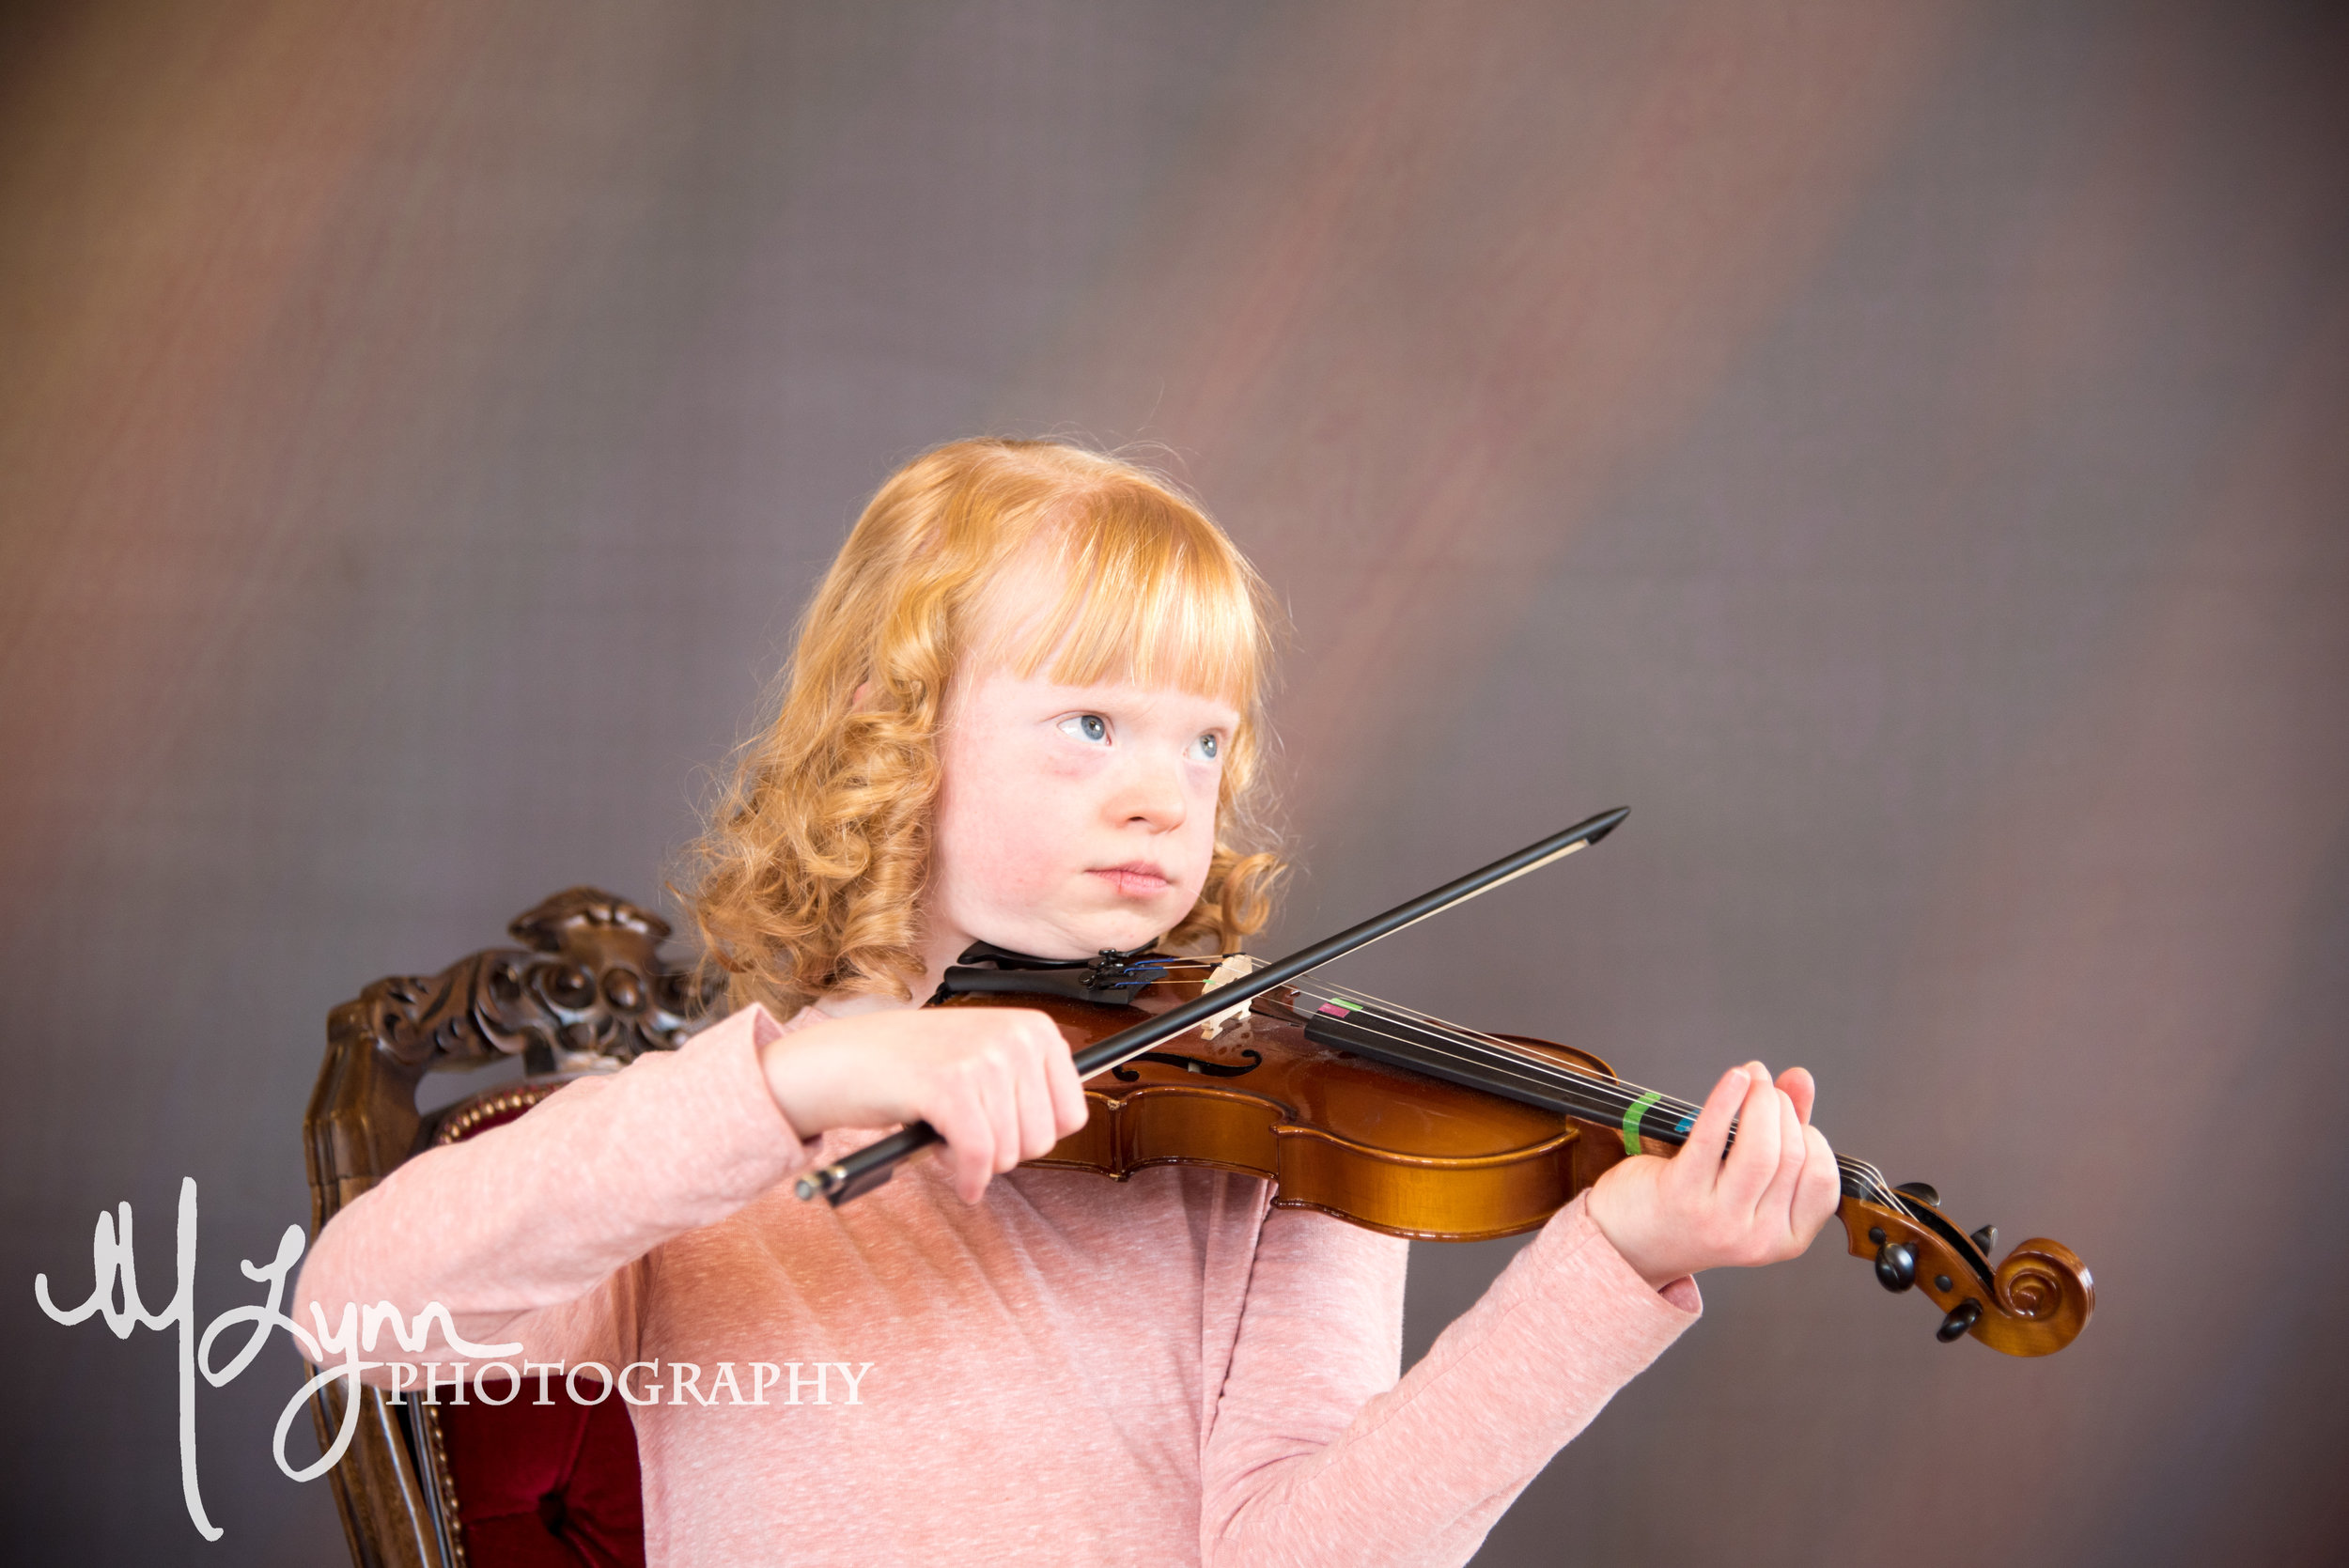 fine art children's portrait blonde girl playing violin